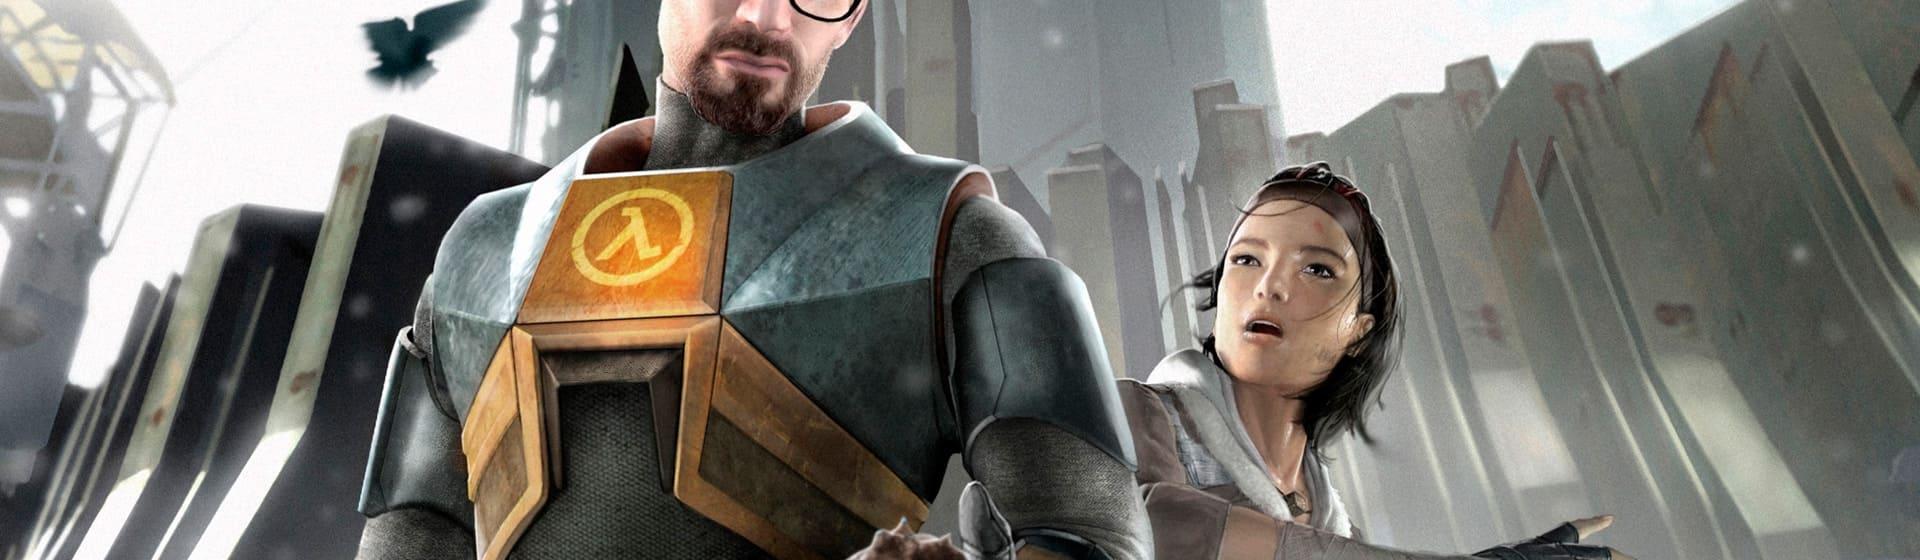 Half-Life - Мерч и одежда с атрибутикой